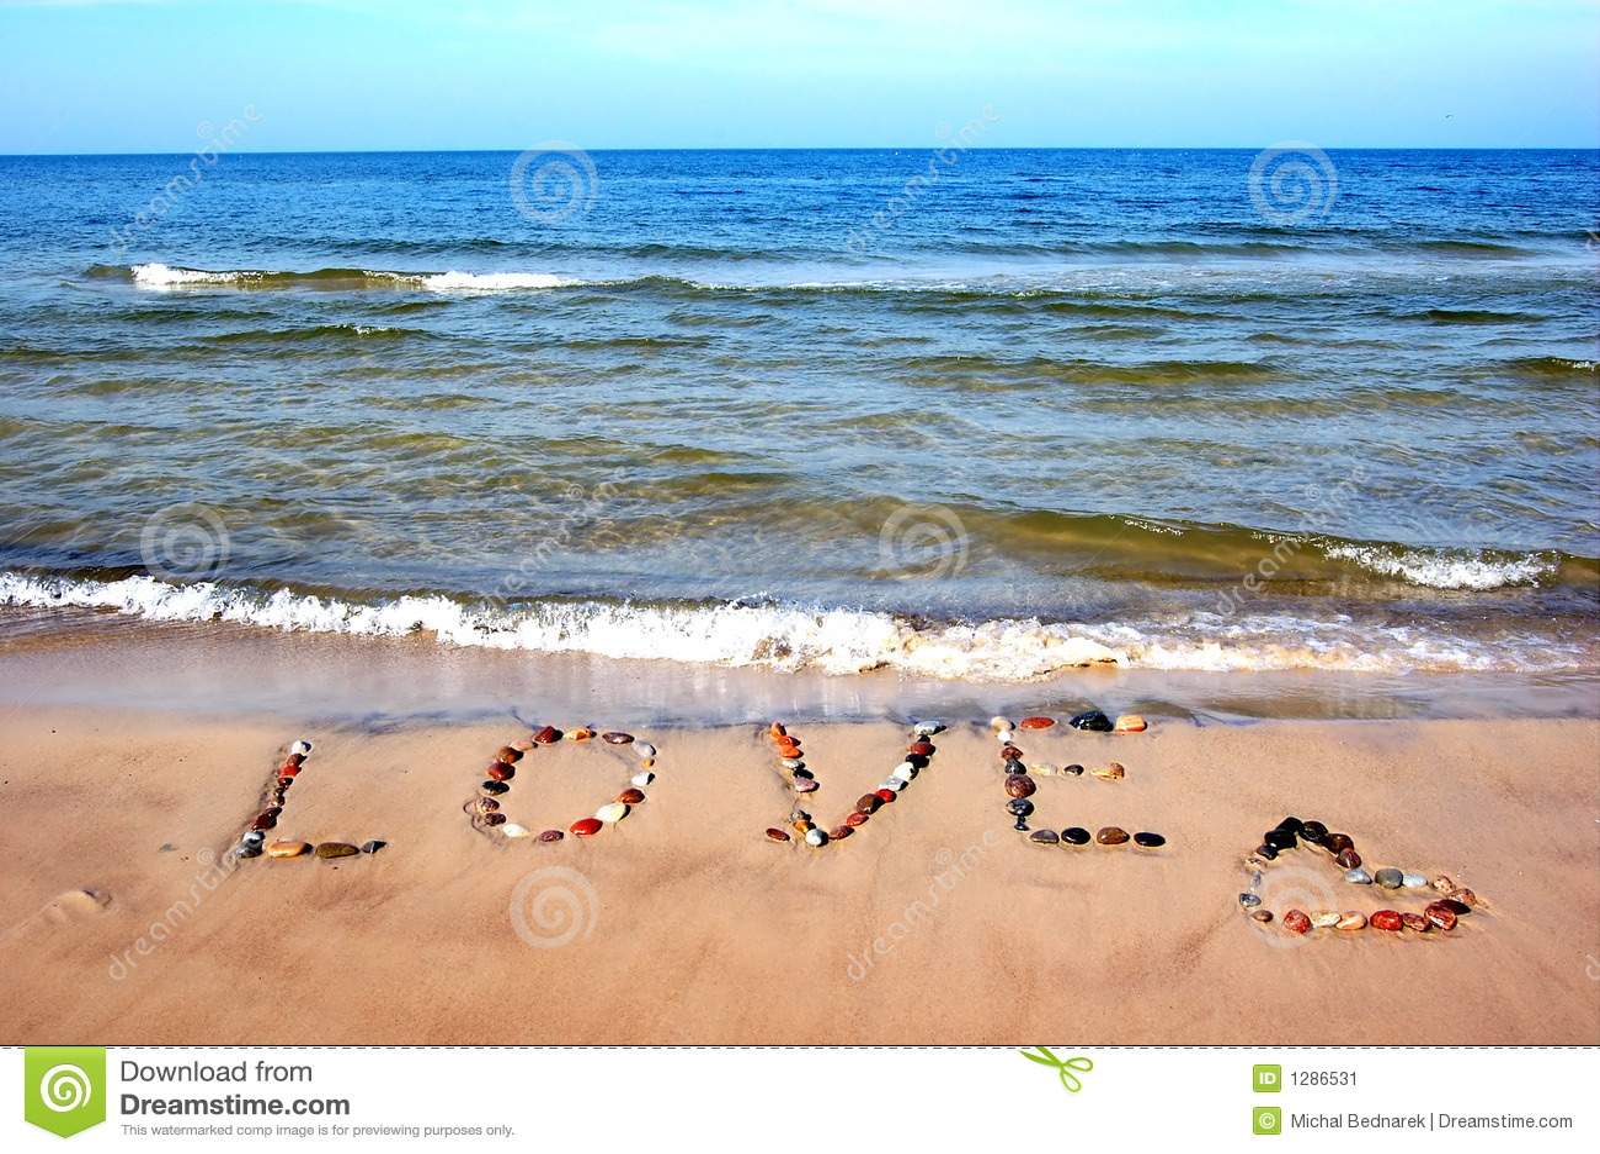 Hacer el amor en la arena [PUNIQRANDLINE-(au-dating-names.txt) 33